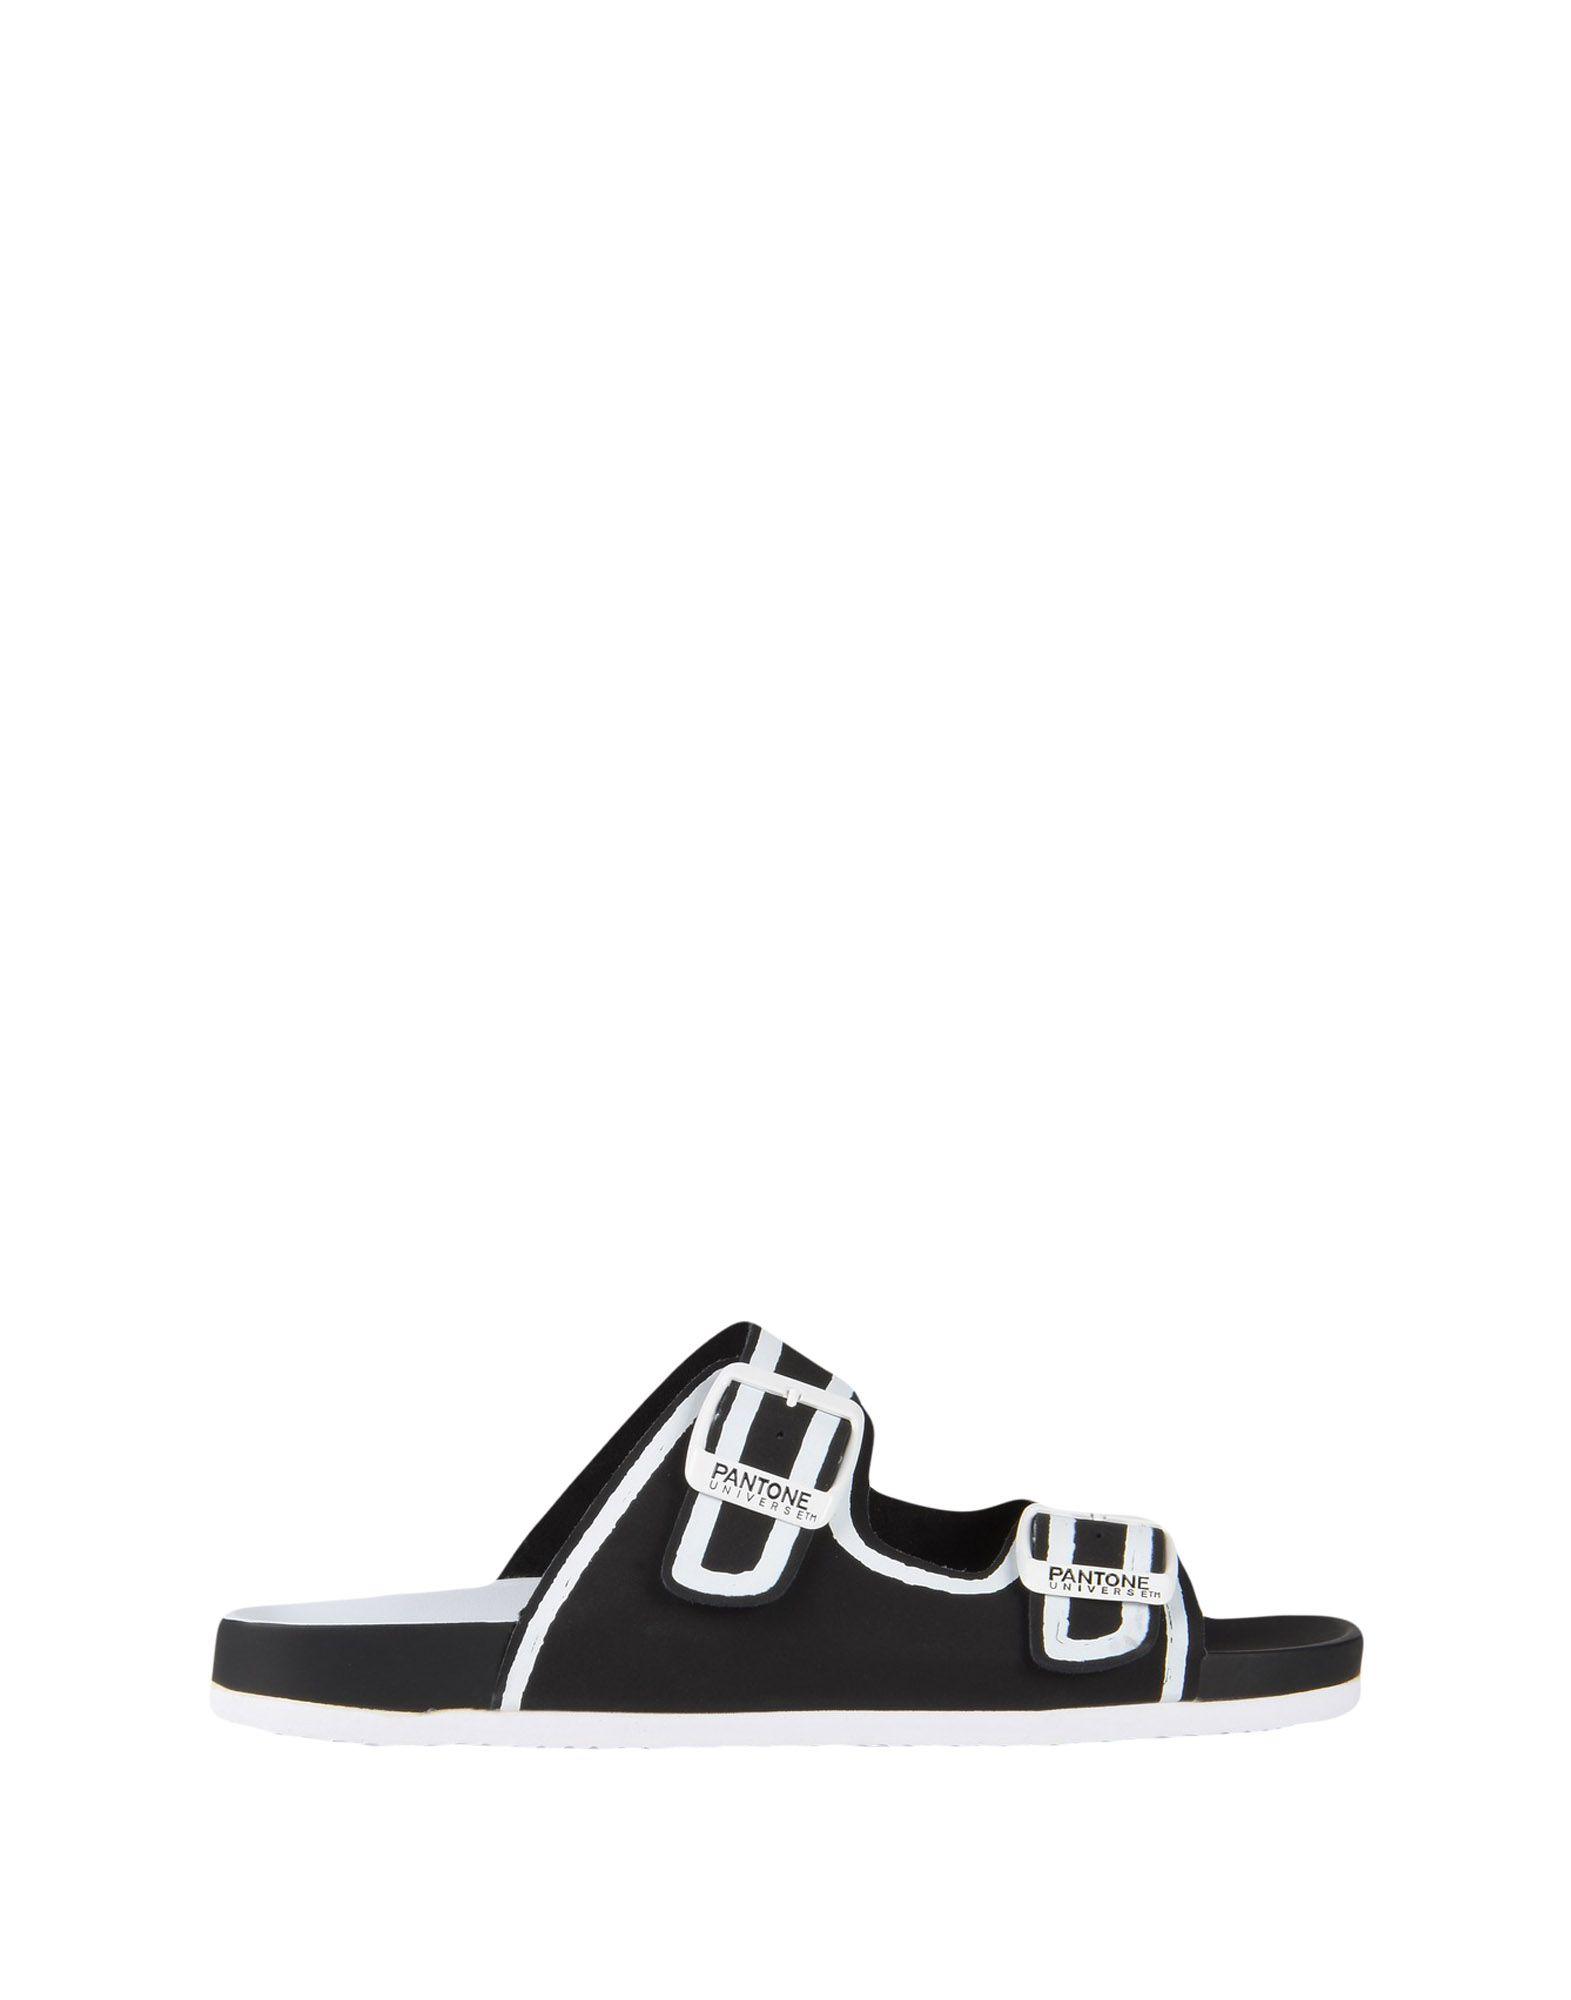 Pantone Universe Footwear es Formentera Leather Gutes Preis-Leistungs-Verhältnis, es Footwear lohnt sich,Billig-4479 0d5afd